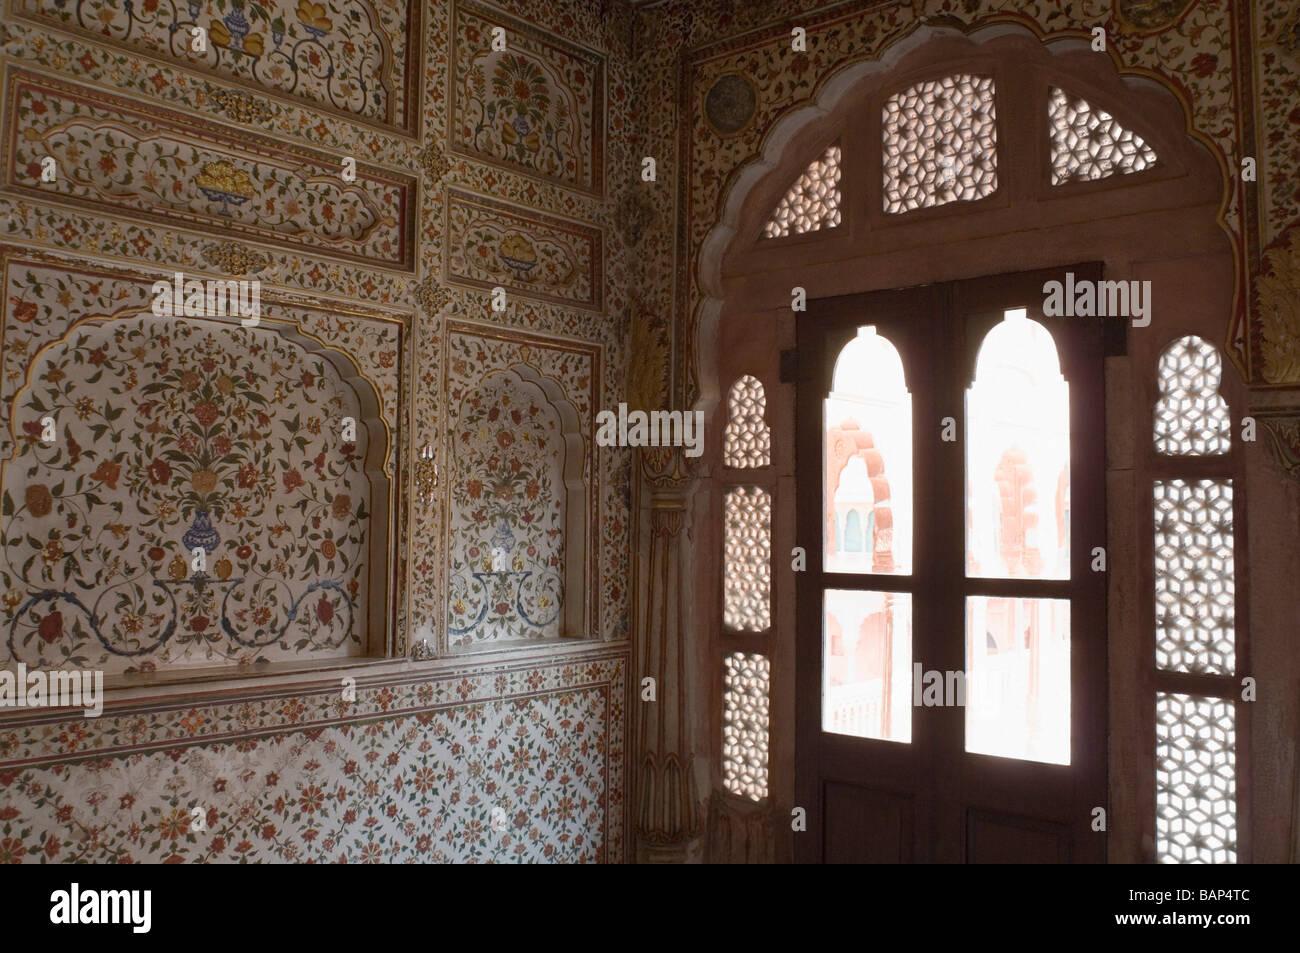 Carving on a wall, Chandra Mahal, Junagarh Fort, Bikaner, Rajasthan, India Stock Photo